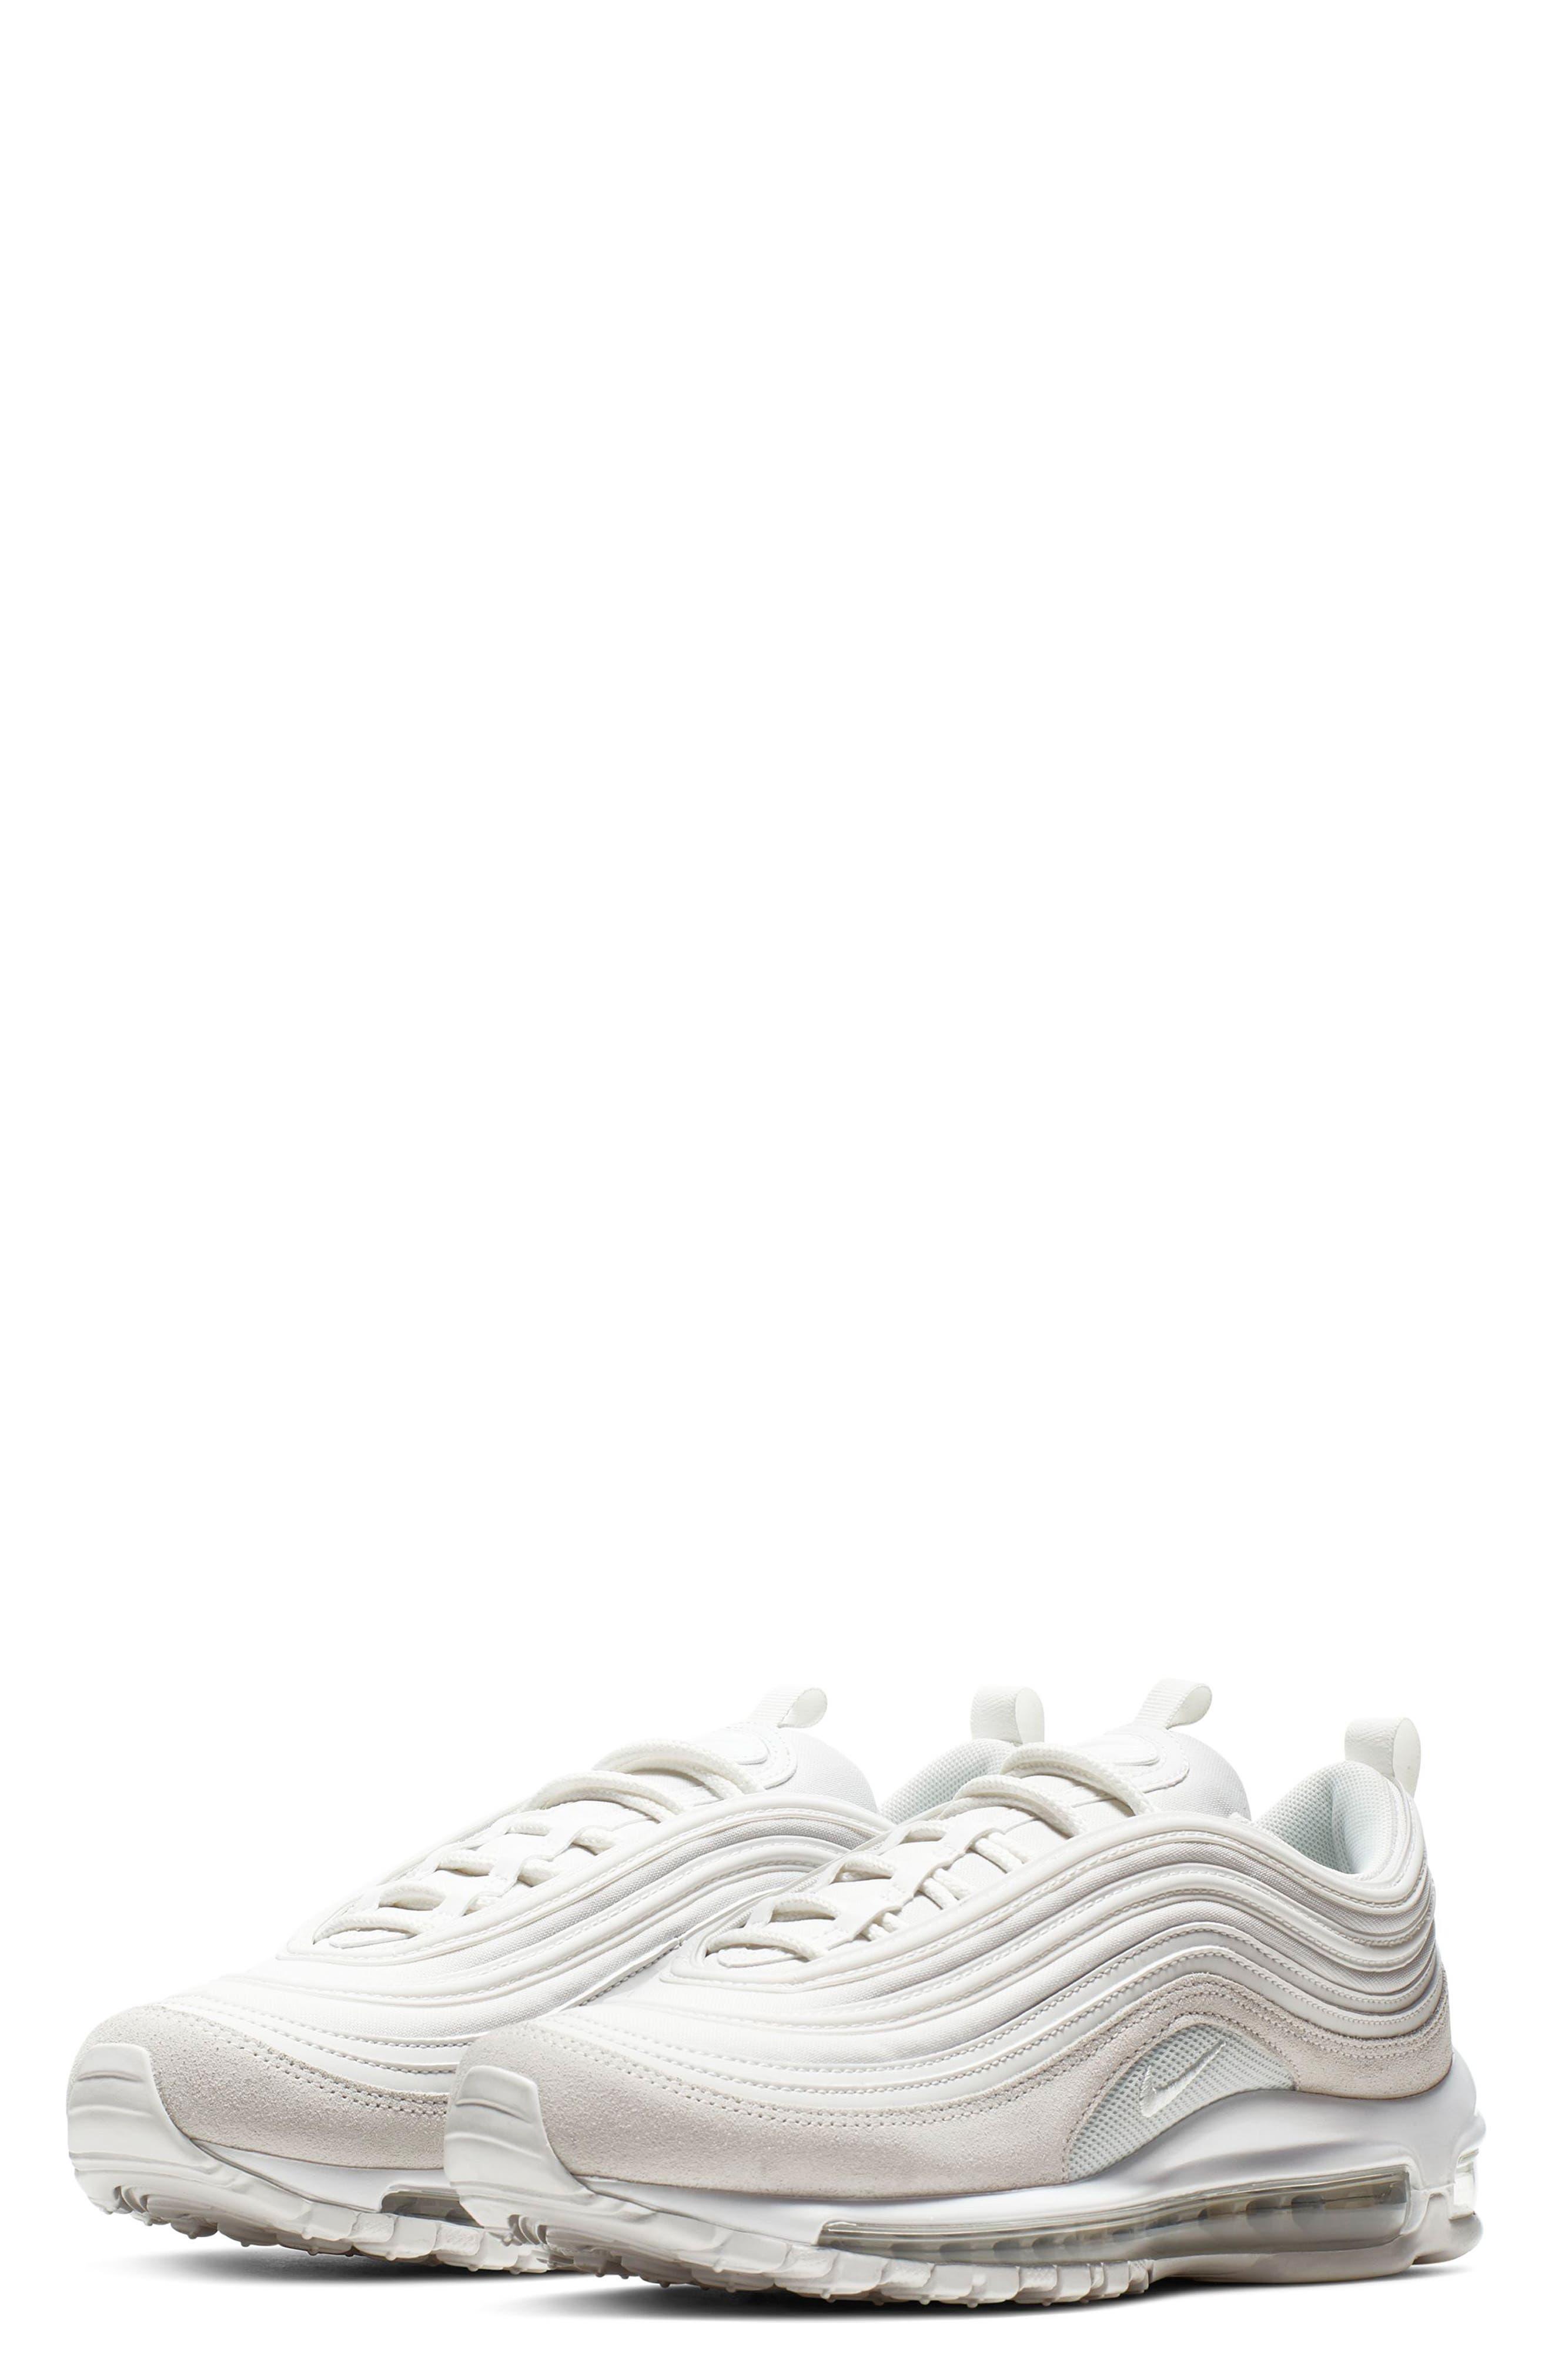 Nike Air Max 97 Premium Sneaker (Women